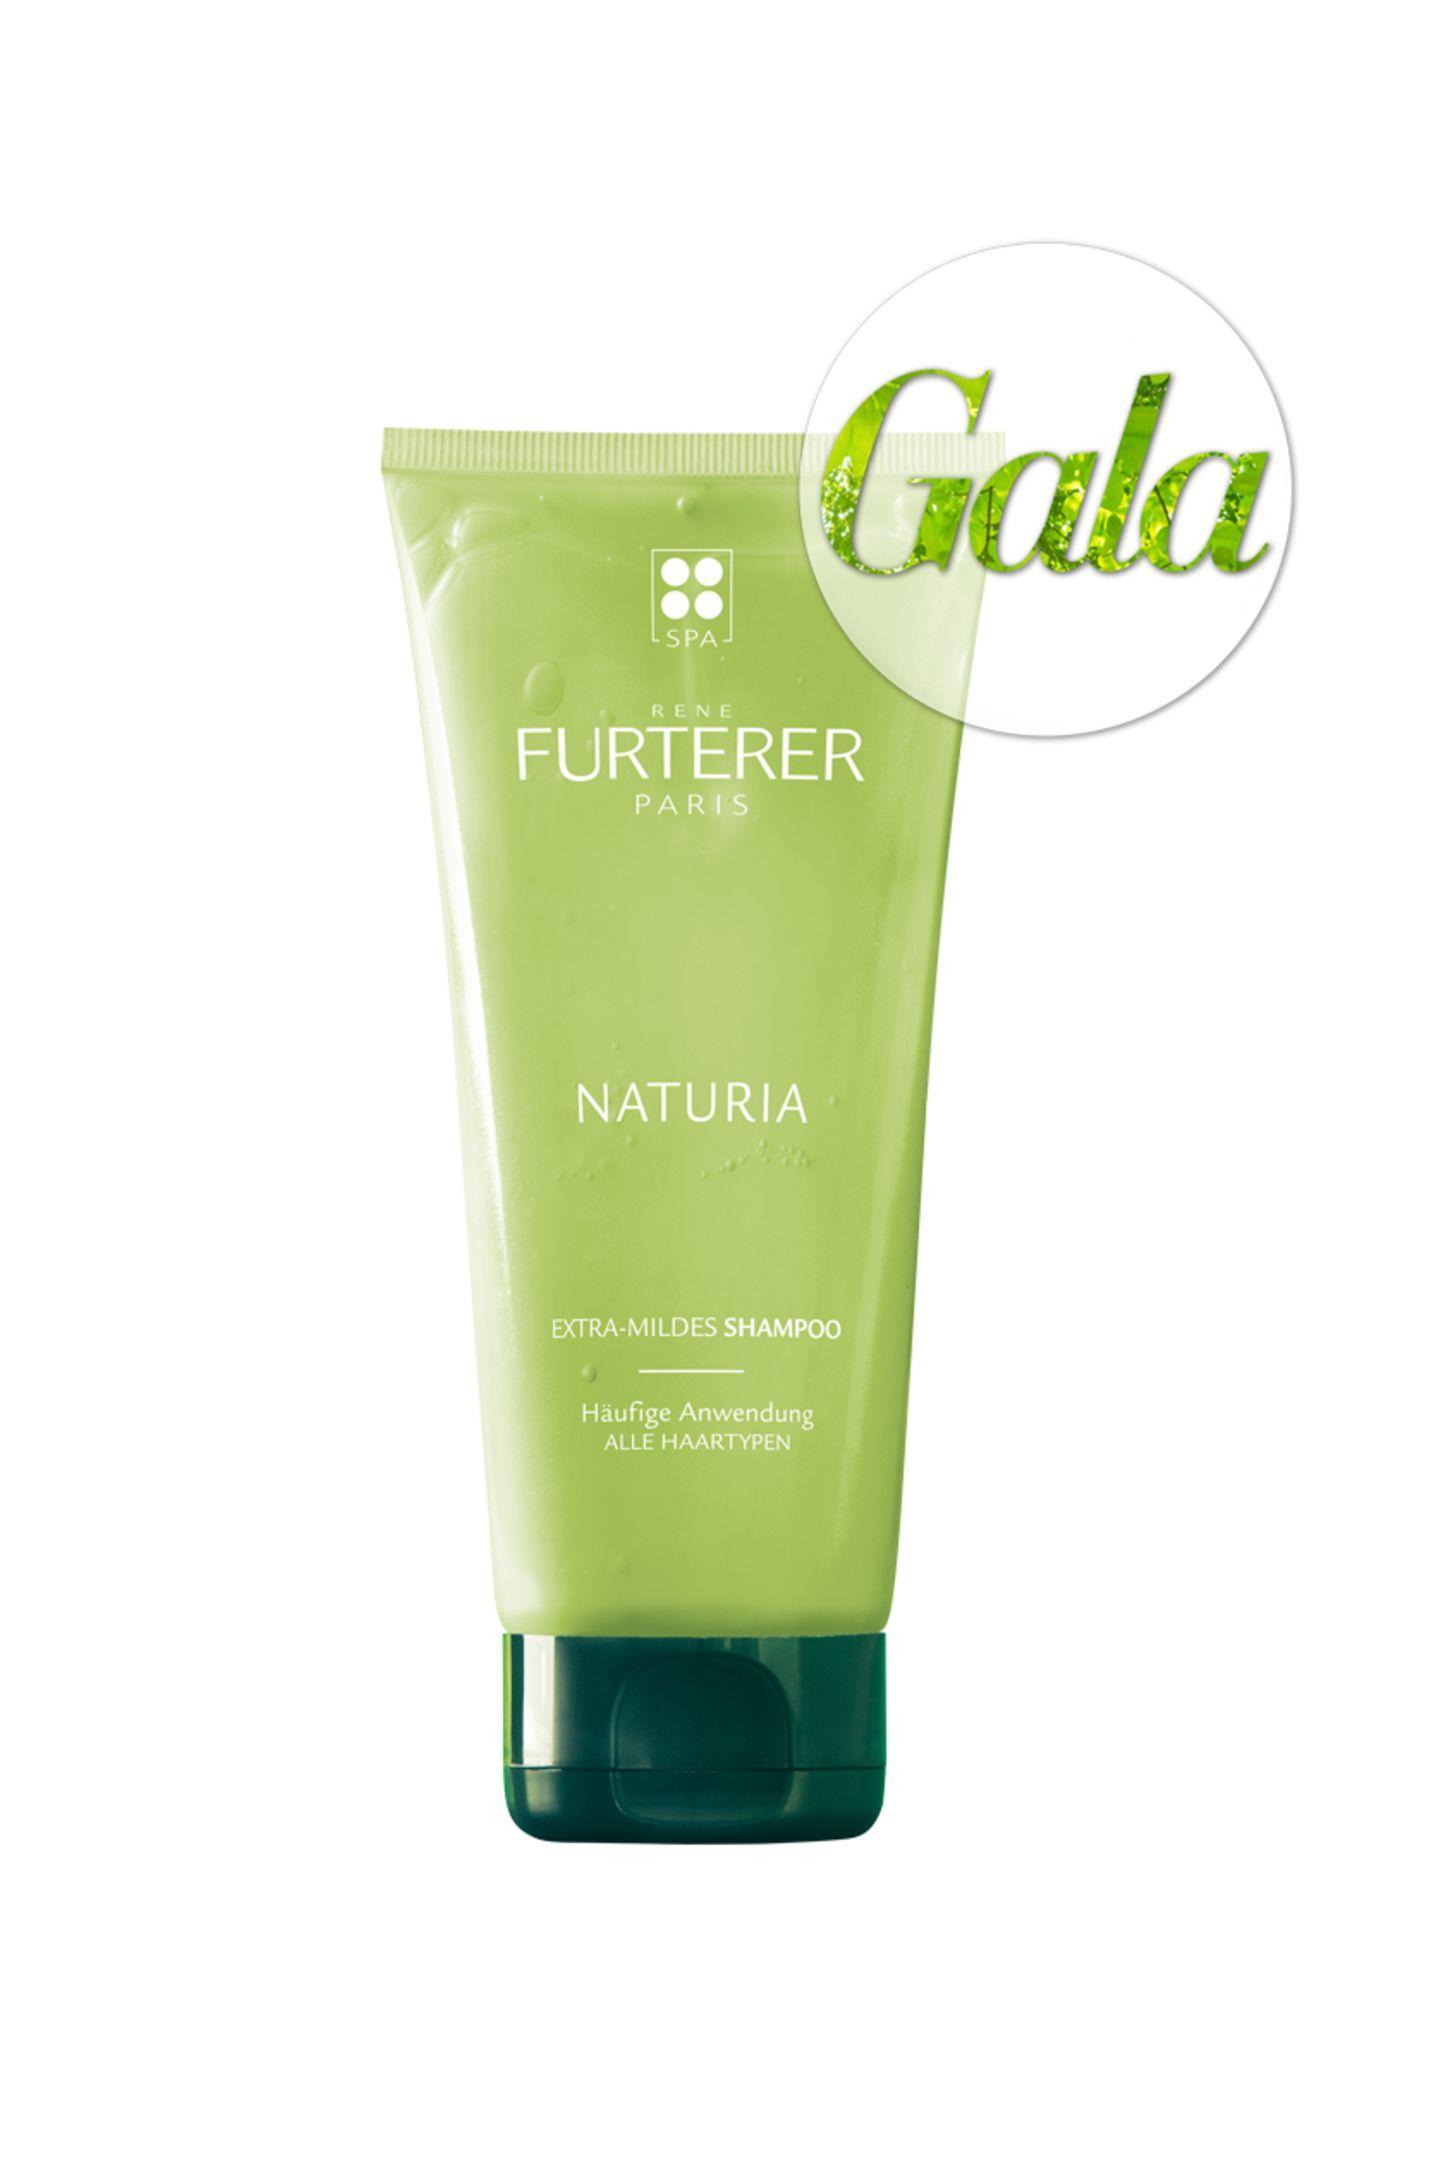 Extra-mild: Das Shampoo Naturia von Rene Furterer verwöhnt unsere Kopfhaut mit Basilikum-, Minz- und Kümmelöl. Ca. 16 Euro.